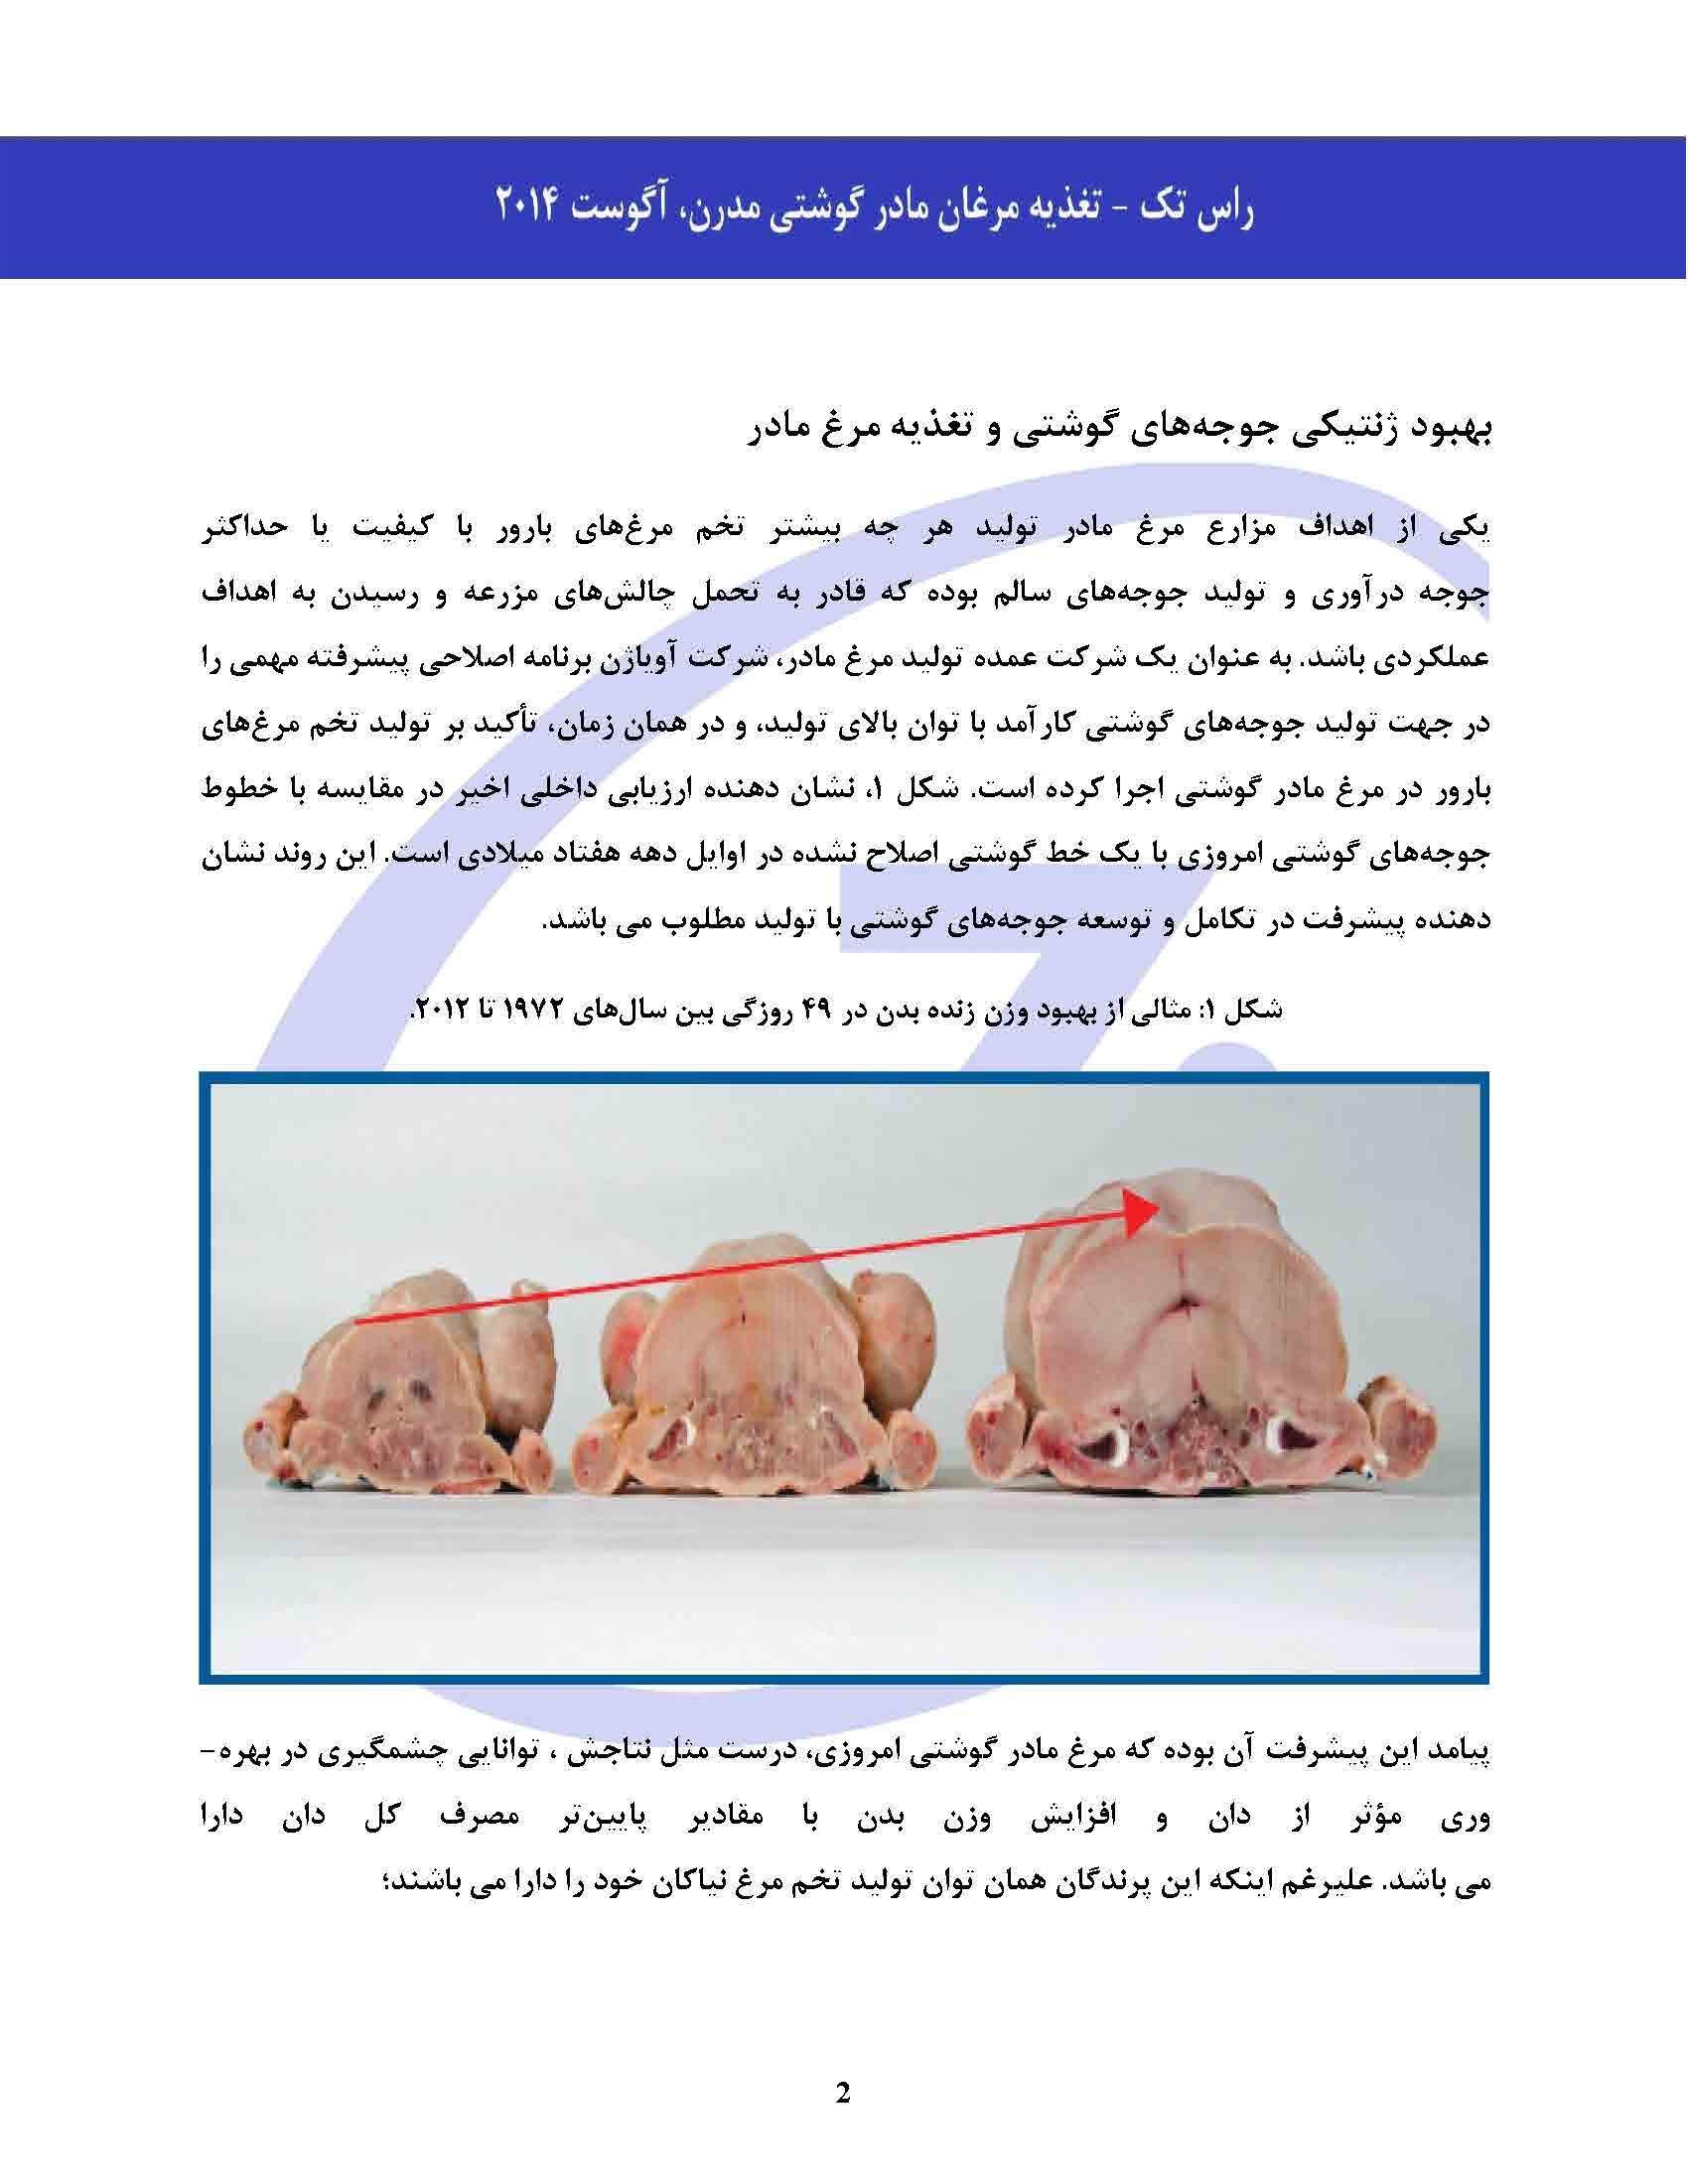 تغذیه مرغان مادر گوشتی مدرن_Page_02